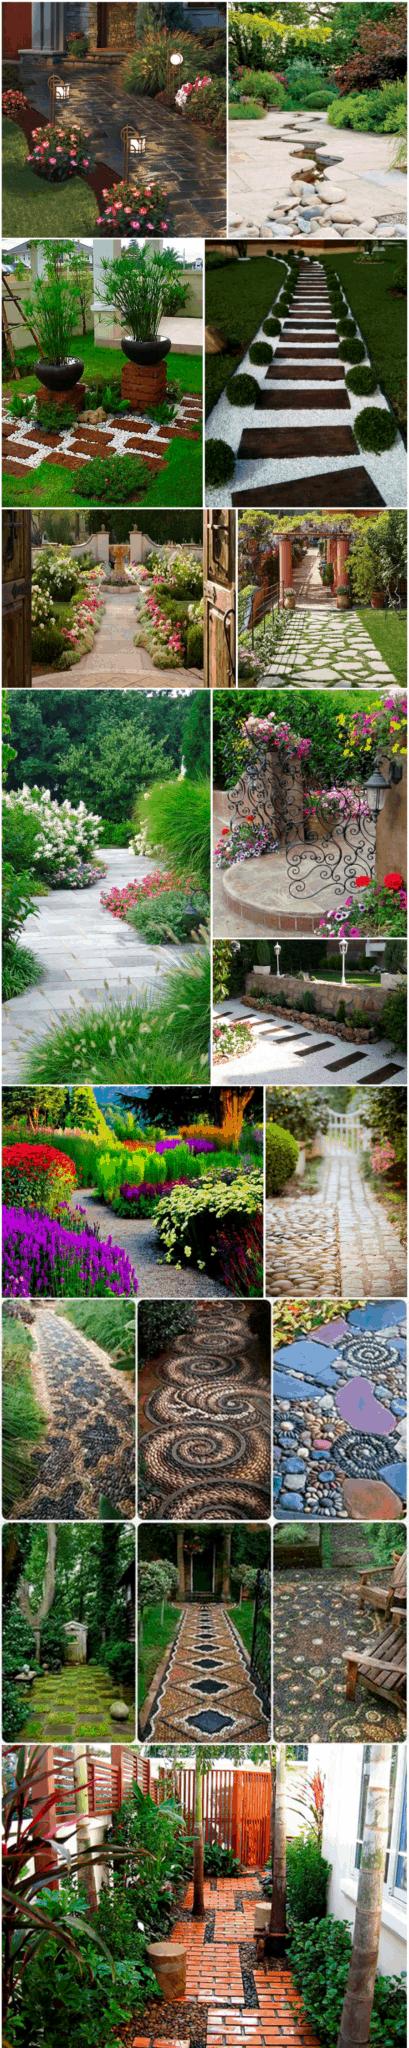 jardim-dos-sonhos-decorar-com-charme-caminho-passagem